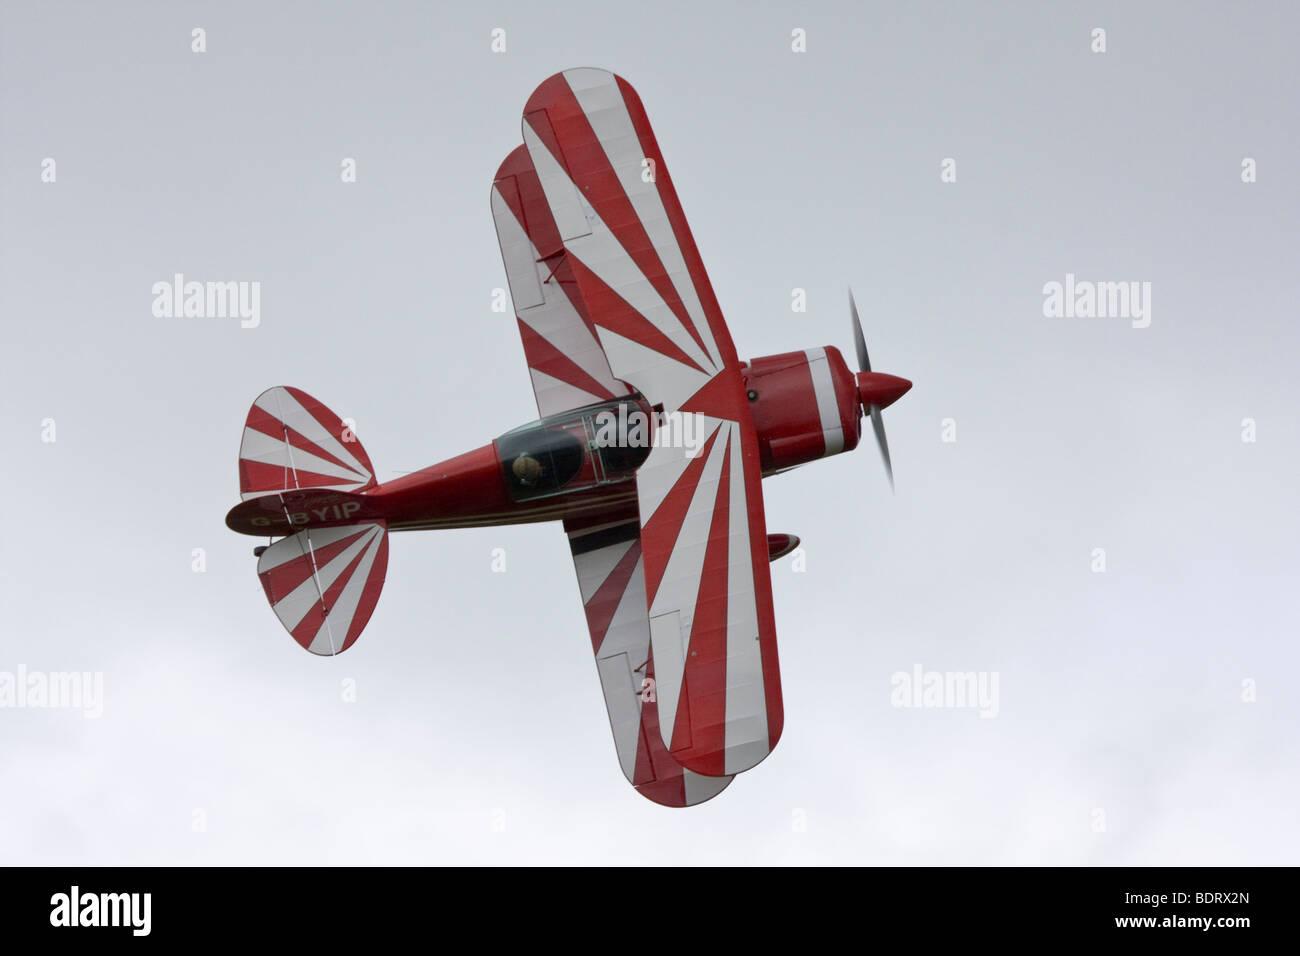 Pitts S-2A due speciali sedile biplano acrobatico Immagini Stock